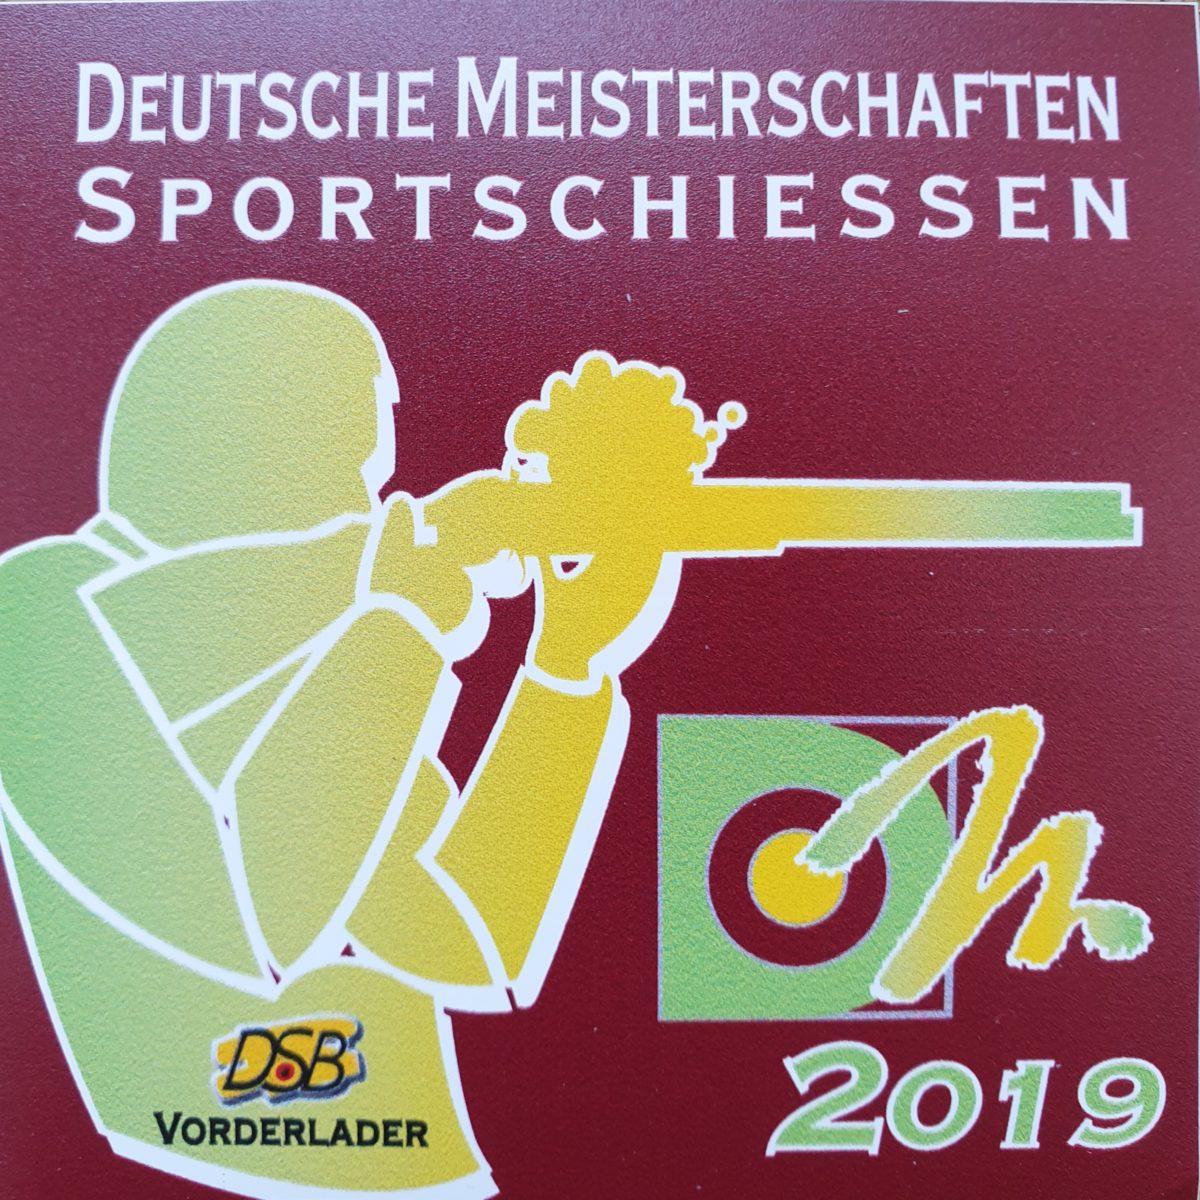 Zwei Teilnehmer des SK-Stelle in drei Disziplinen bei den Deutschen Meisterschaften 2019 Vorderlader (VL)